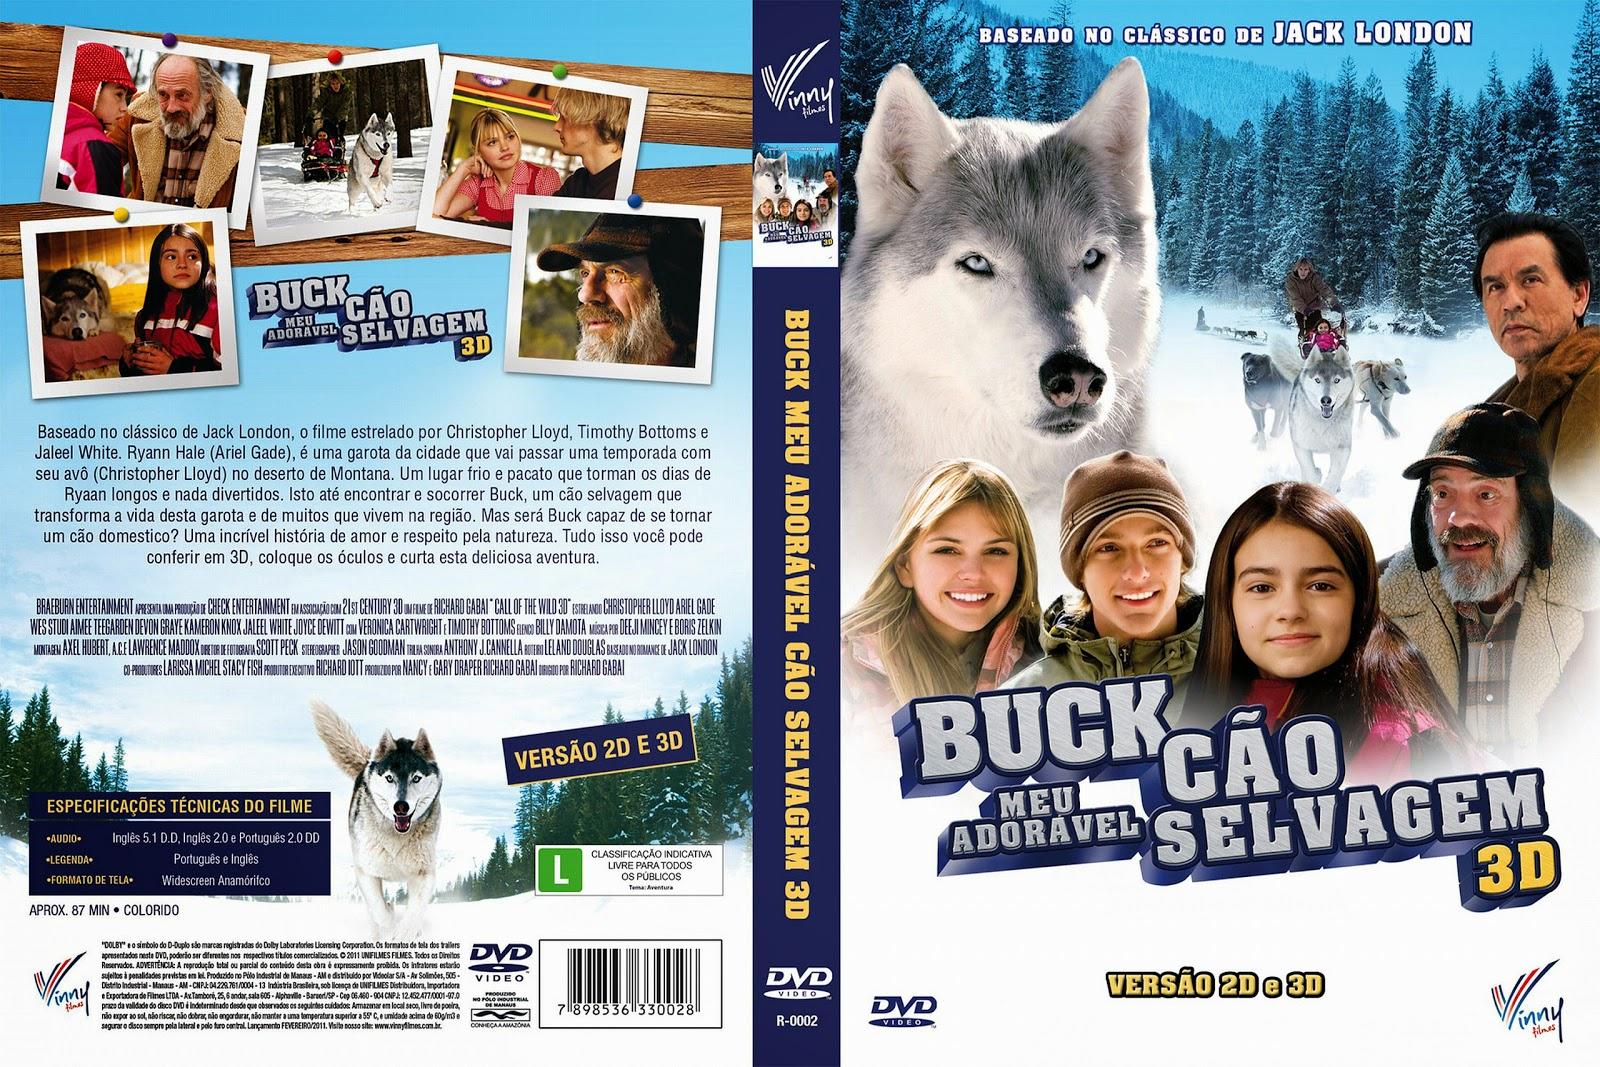 Capa DVD Buck Meu Adorável Cão Selvagem 3D